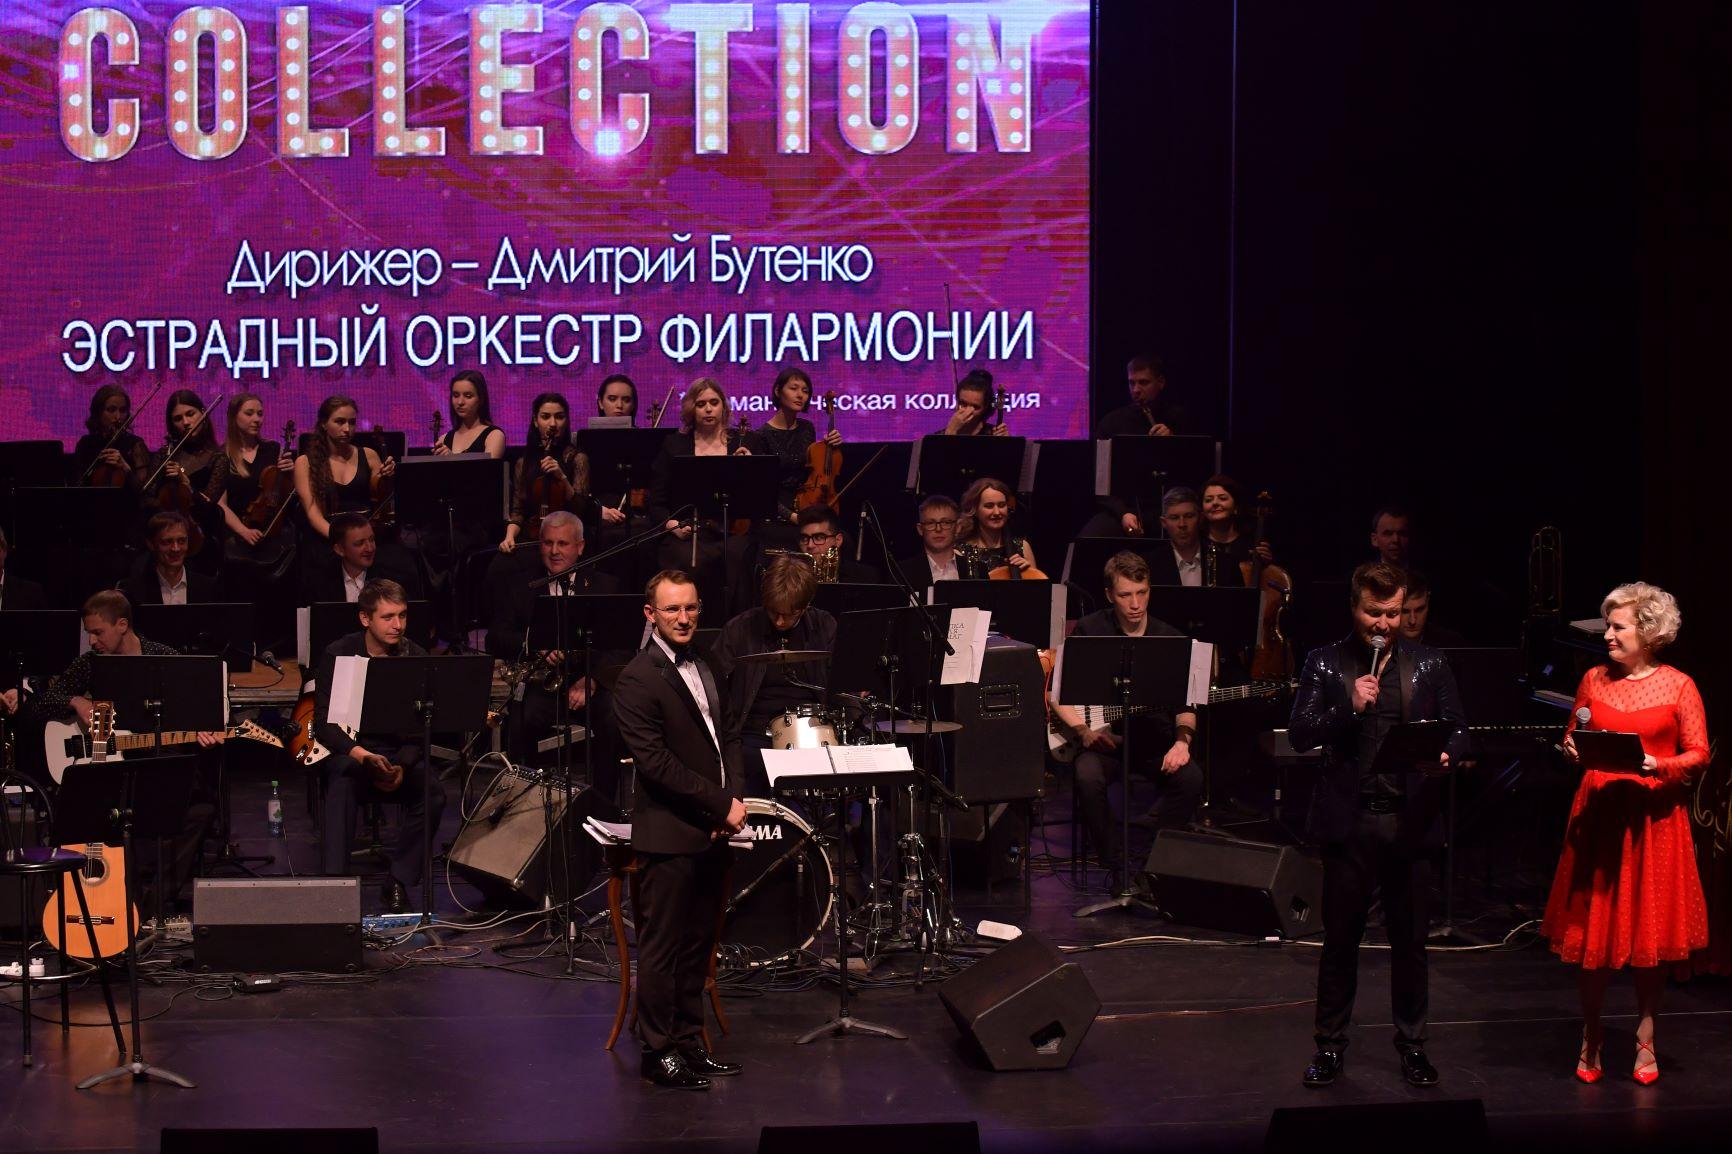 Фотоотчет с концерта 14 февраля Эстрадный оркестр Приморской филармонии  Romantic Collection